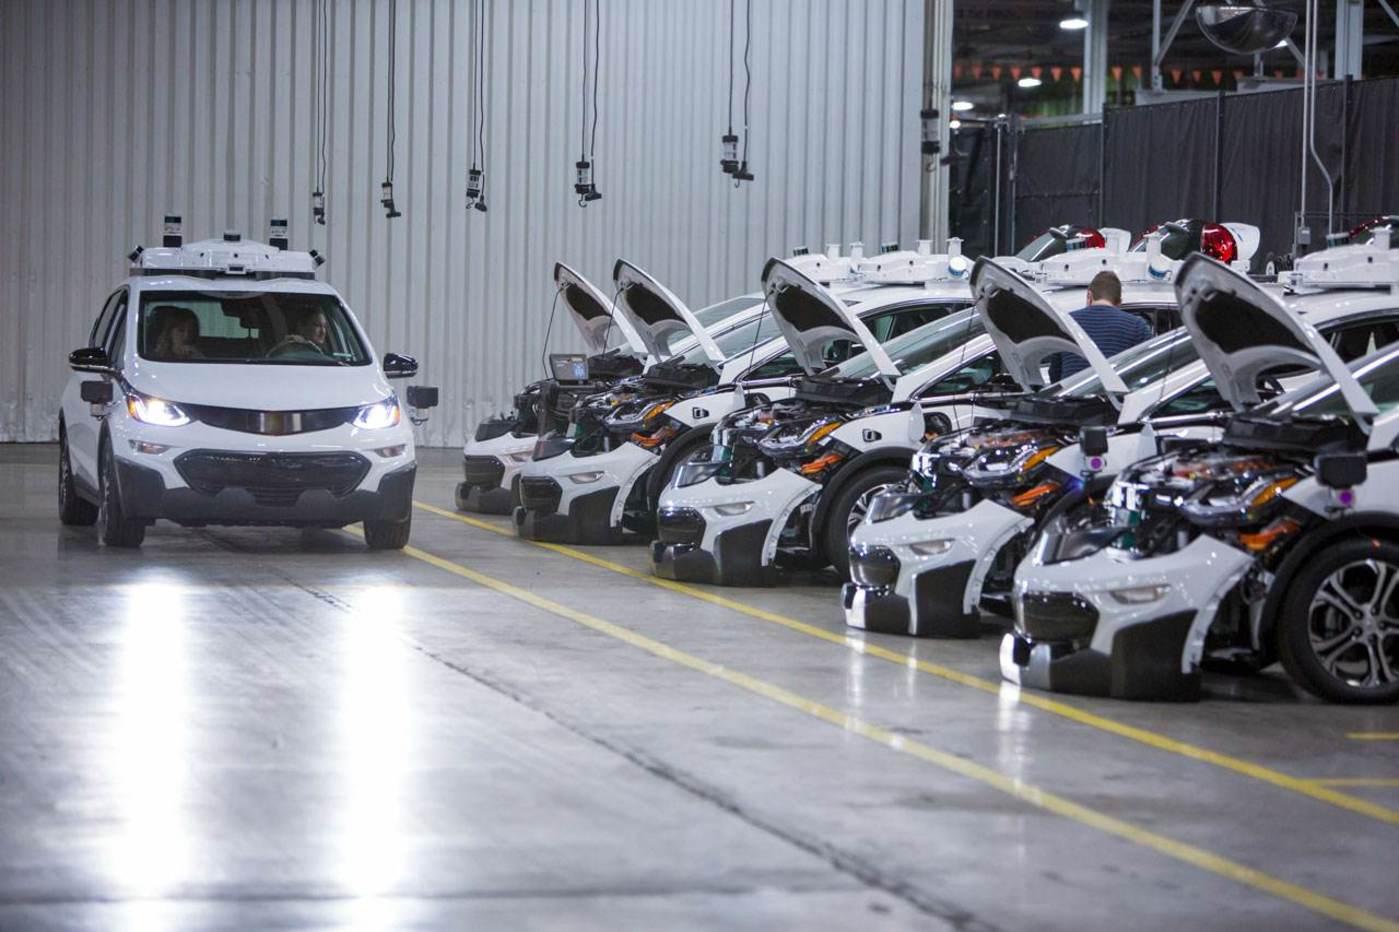 通用创新业务:电动汽车未盈利 自动驾驶三年亏15亿